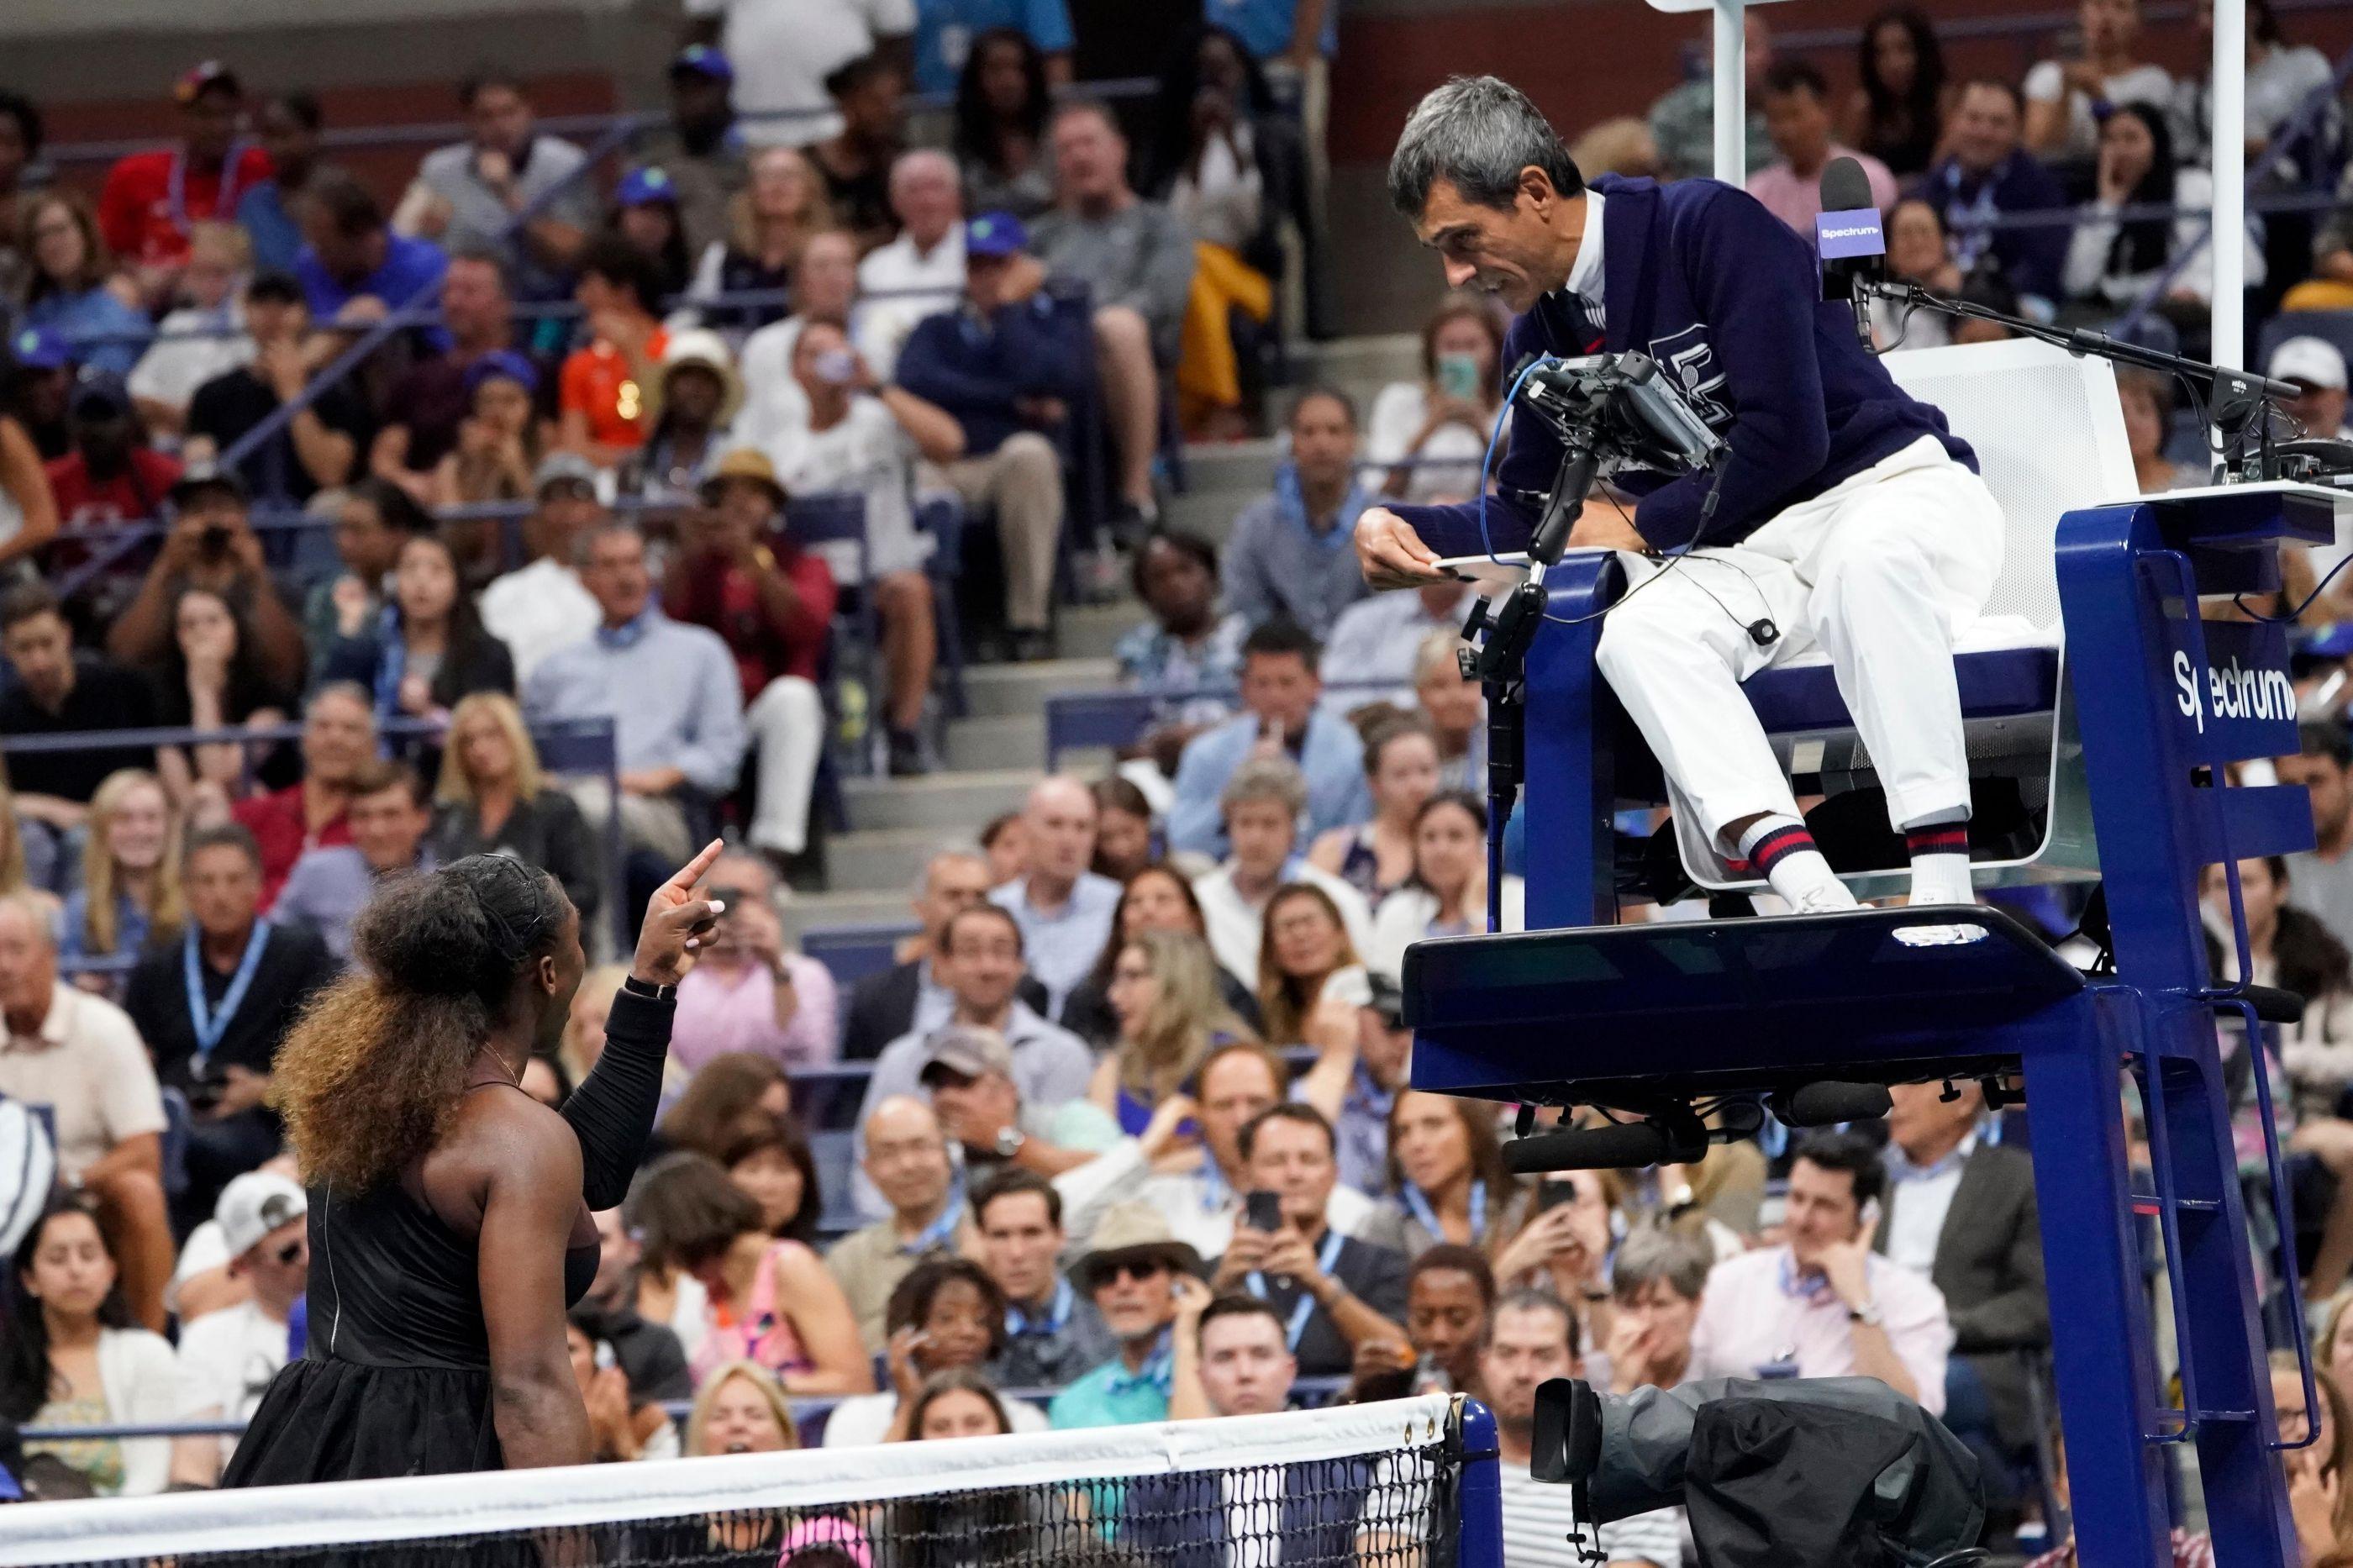 Nem Federer escapa à polémica. Marido de Serena sai em defesa da mulher